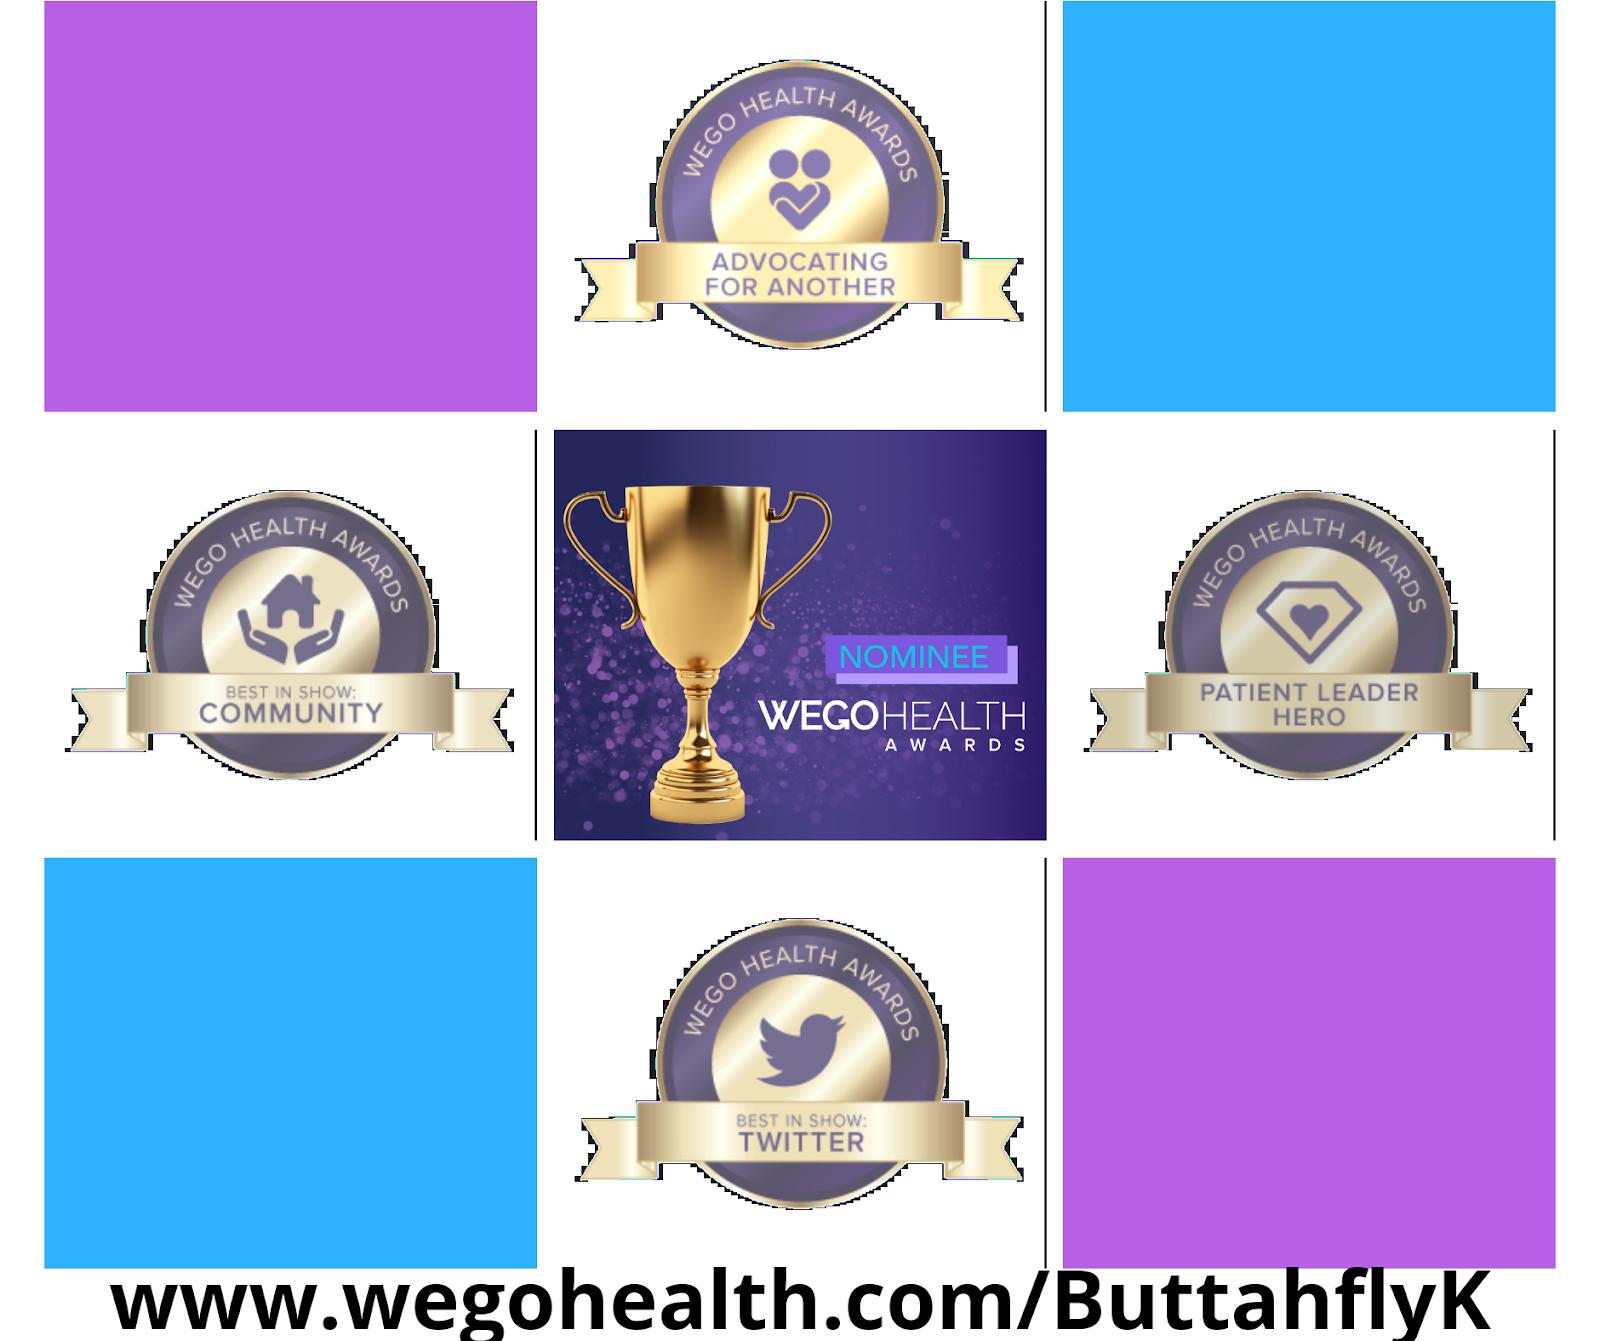 2020 WEGO Health Awards Nominee